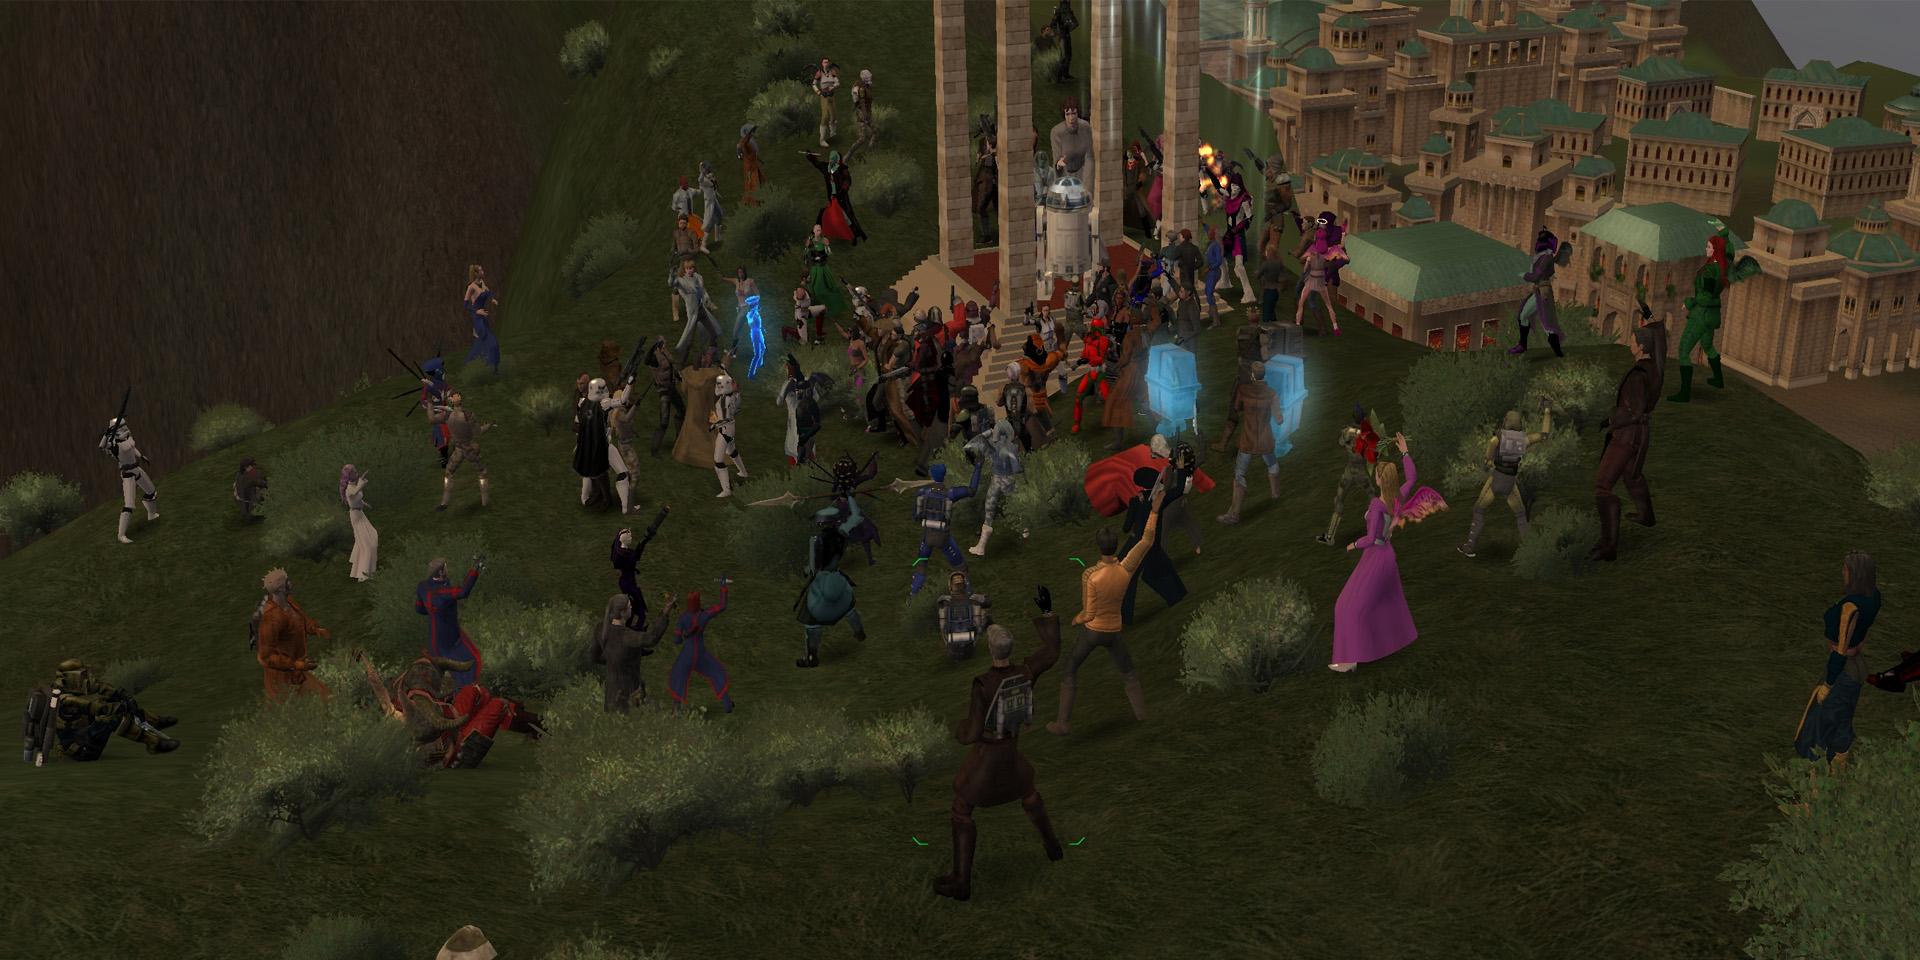 Мне только спросить: Какое самое запоминающееся событие с участием людей было в вашей MMO-истории?